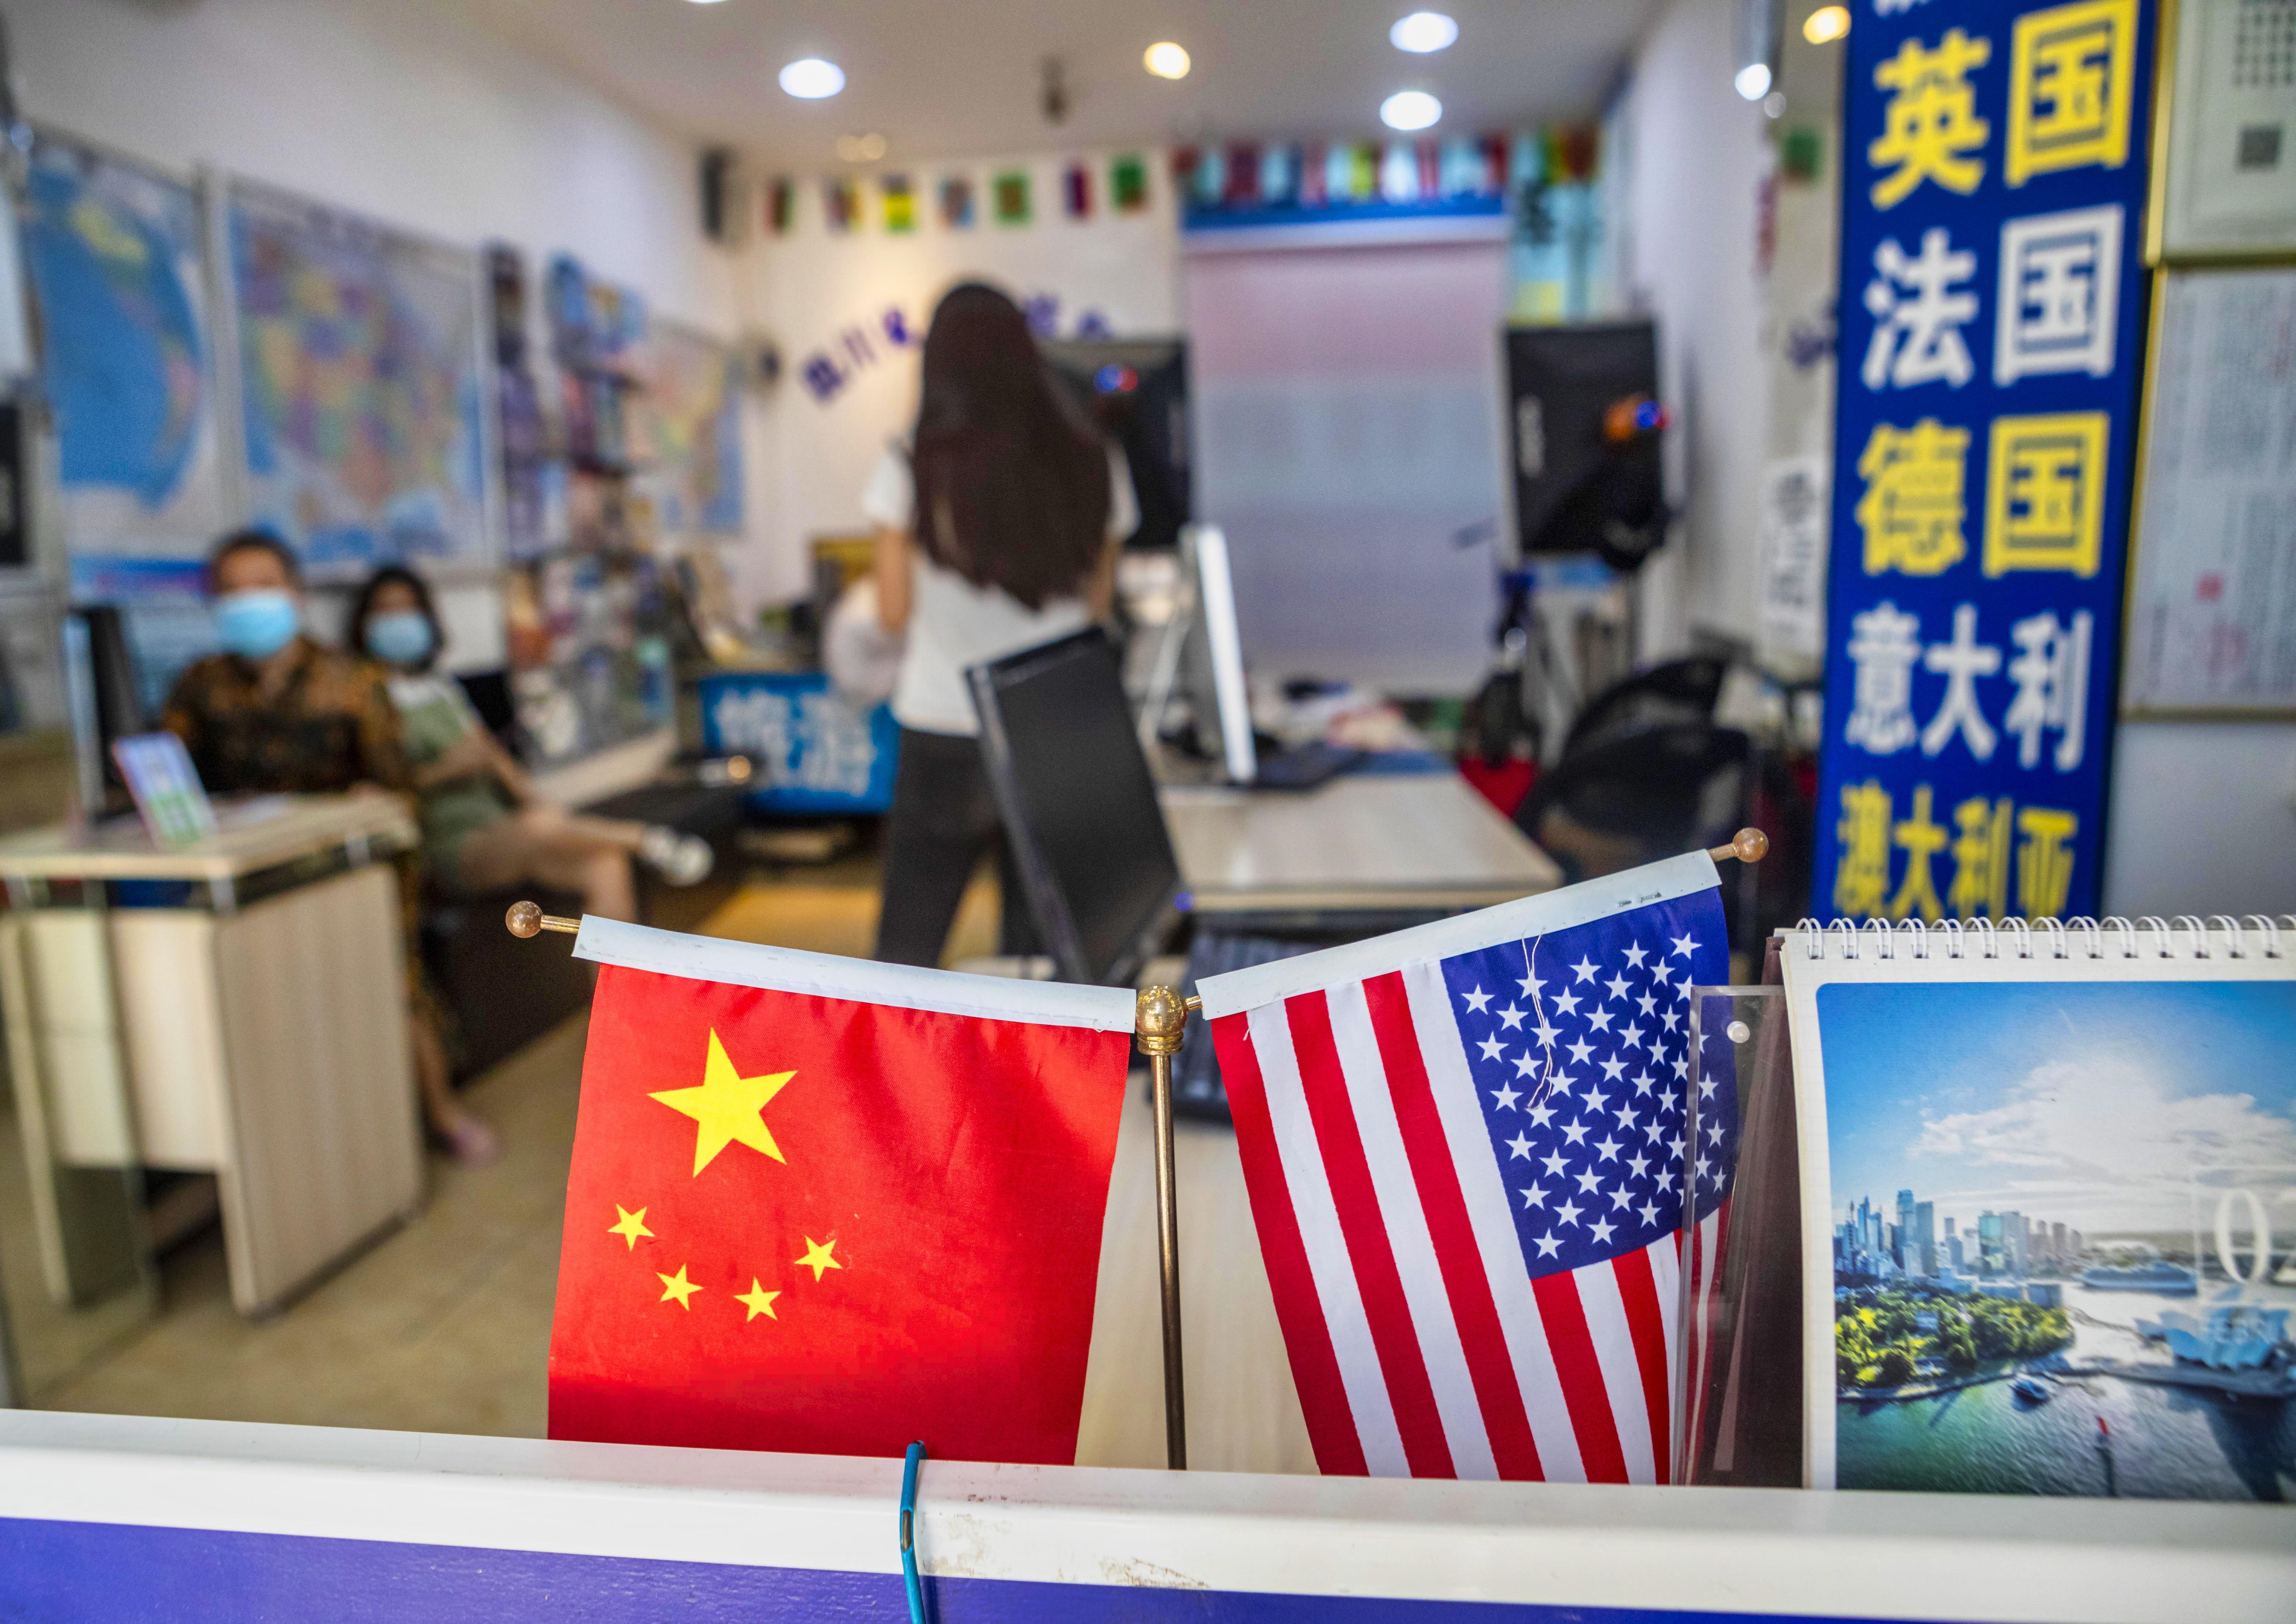 В США обвинили китайскую делегацию в 'игре на публику' на переговорах на Аляске